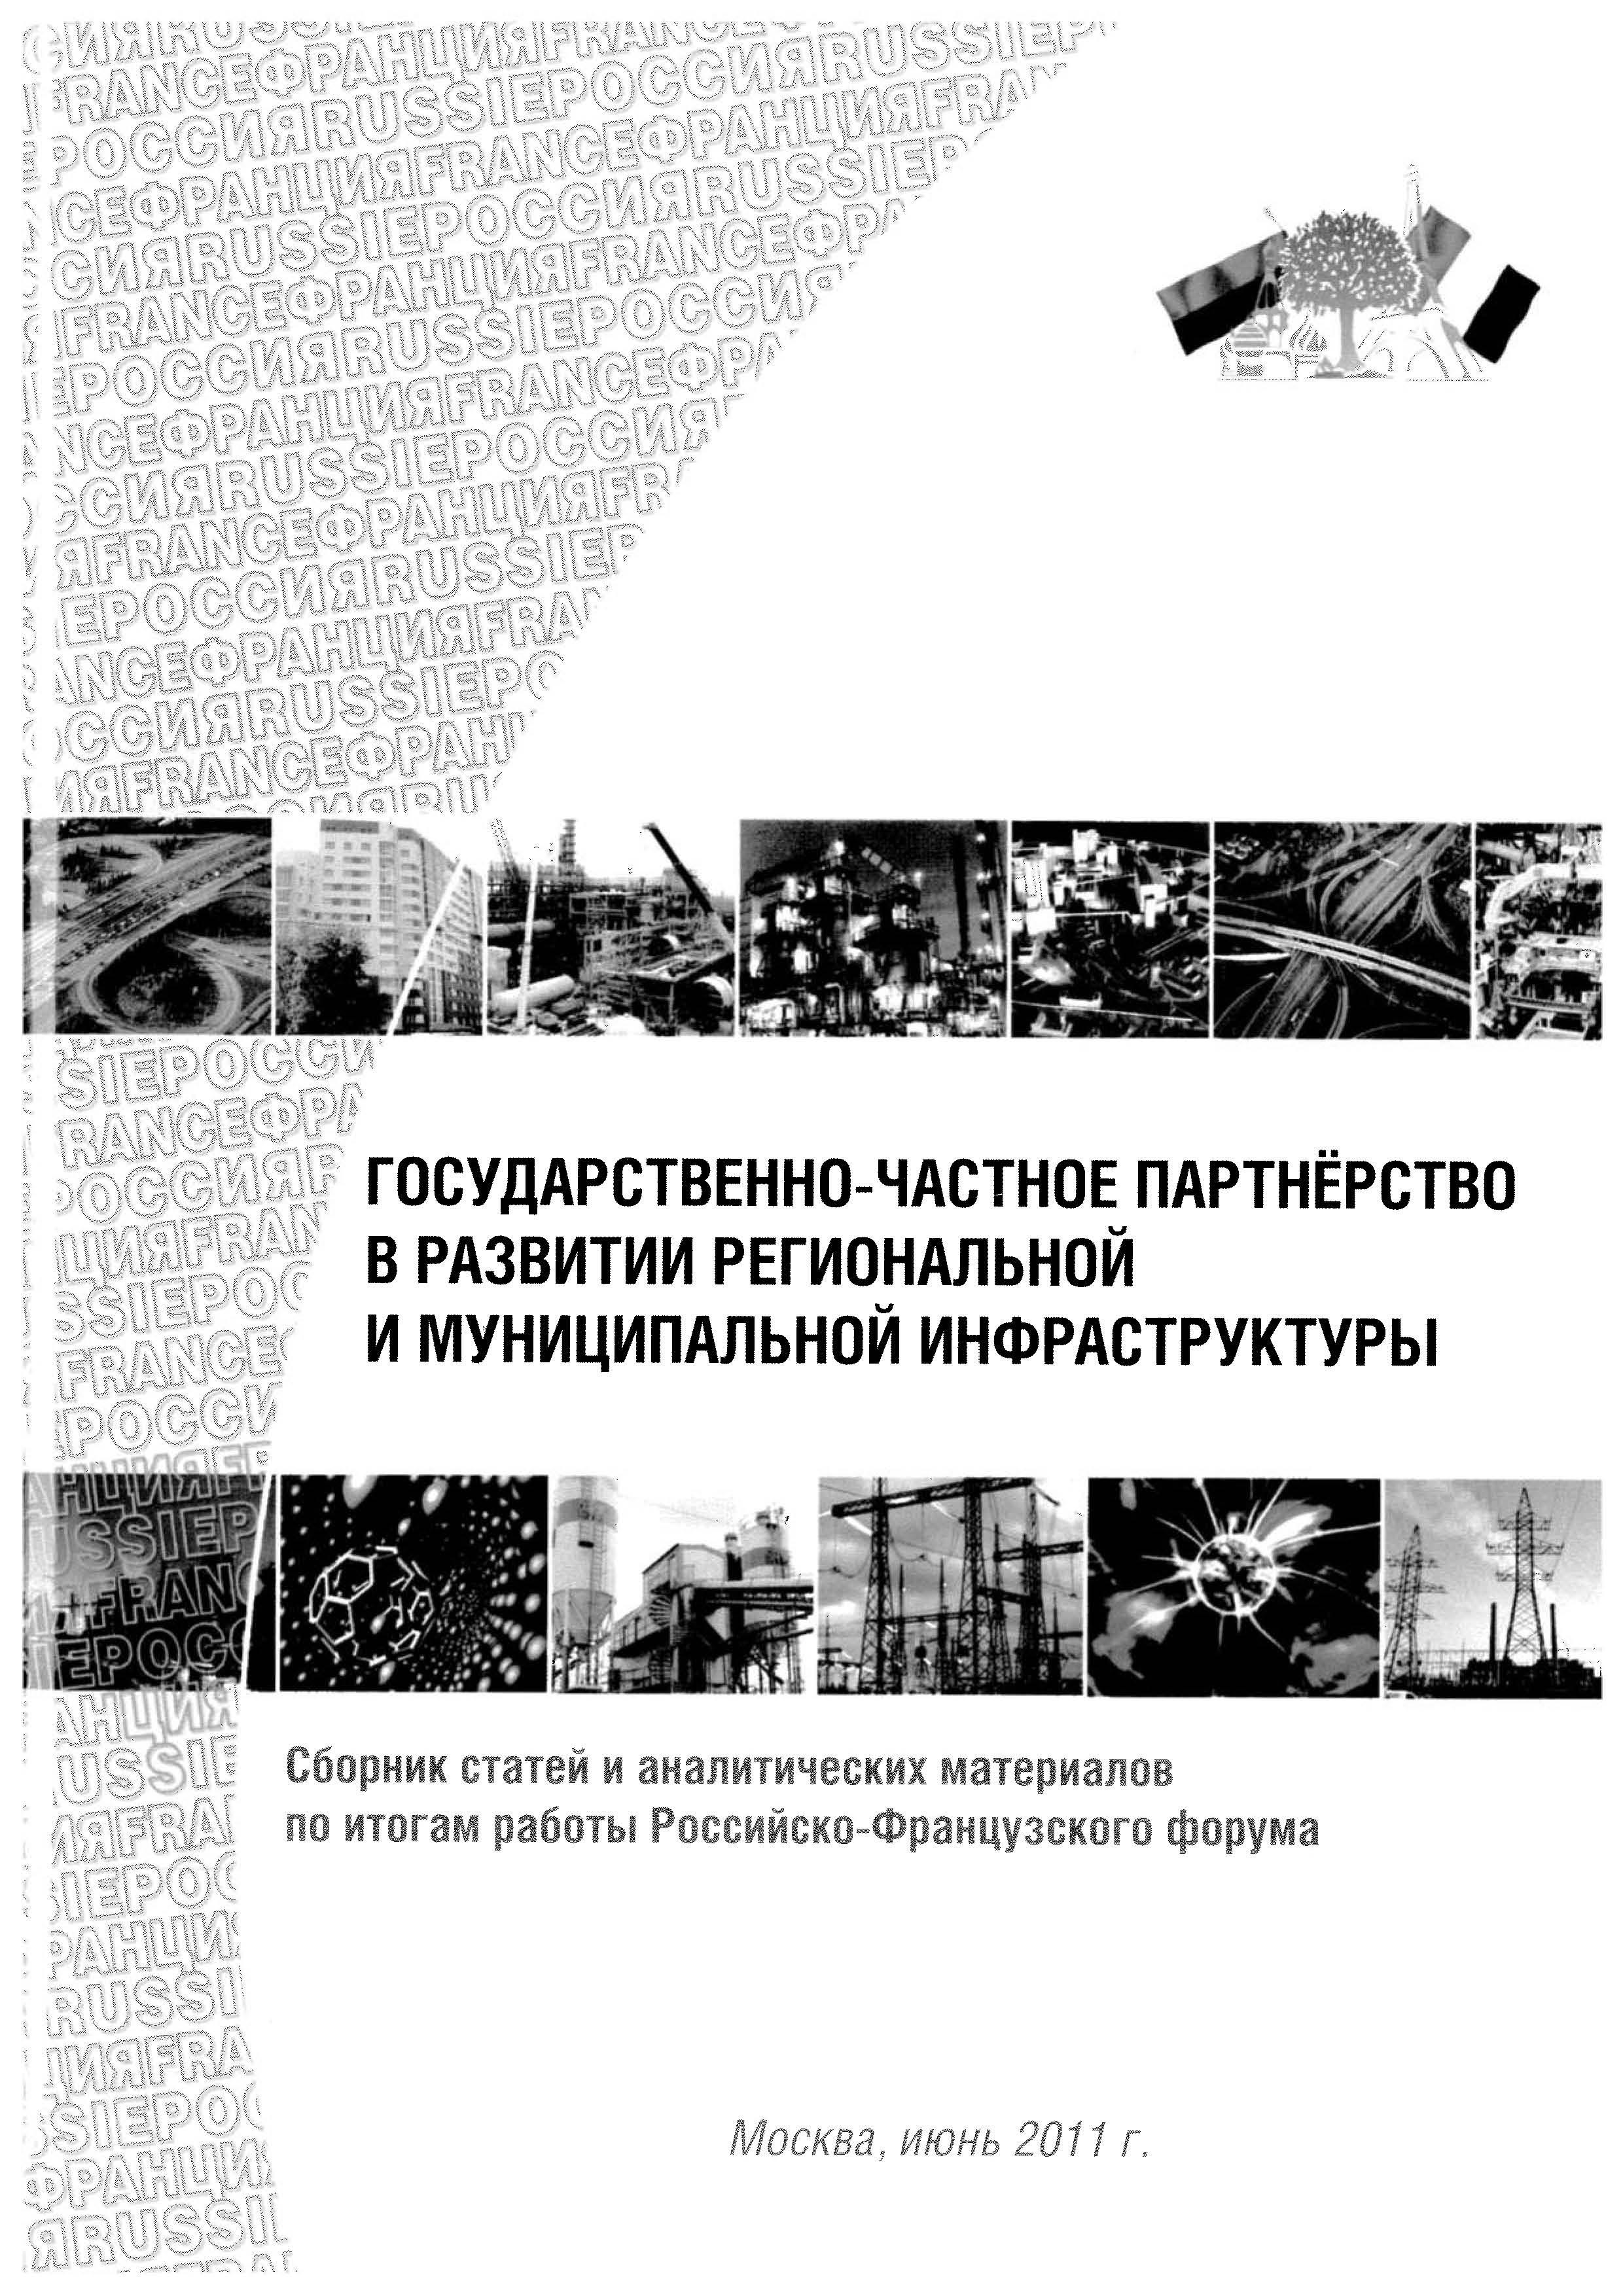 Анализ практики привлечения частных операторов в коммунальный сектор